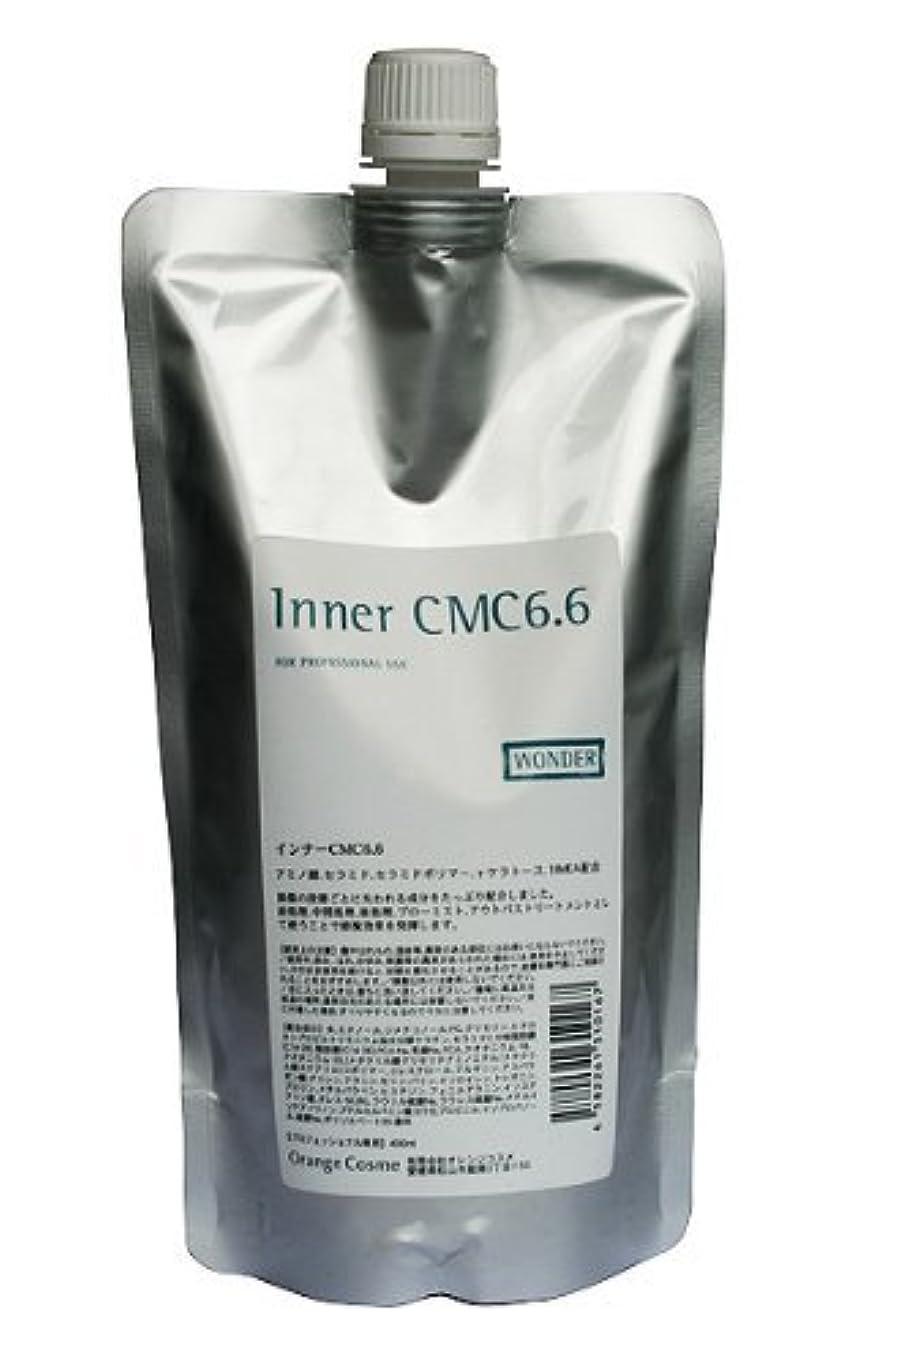 病気だと思う資格少数美容室専用 ワンダー インナーCMC6.6 400ml(詰替用)